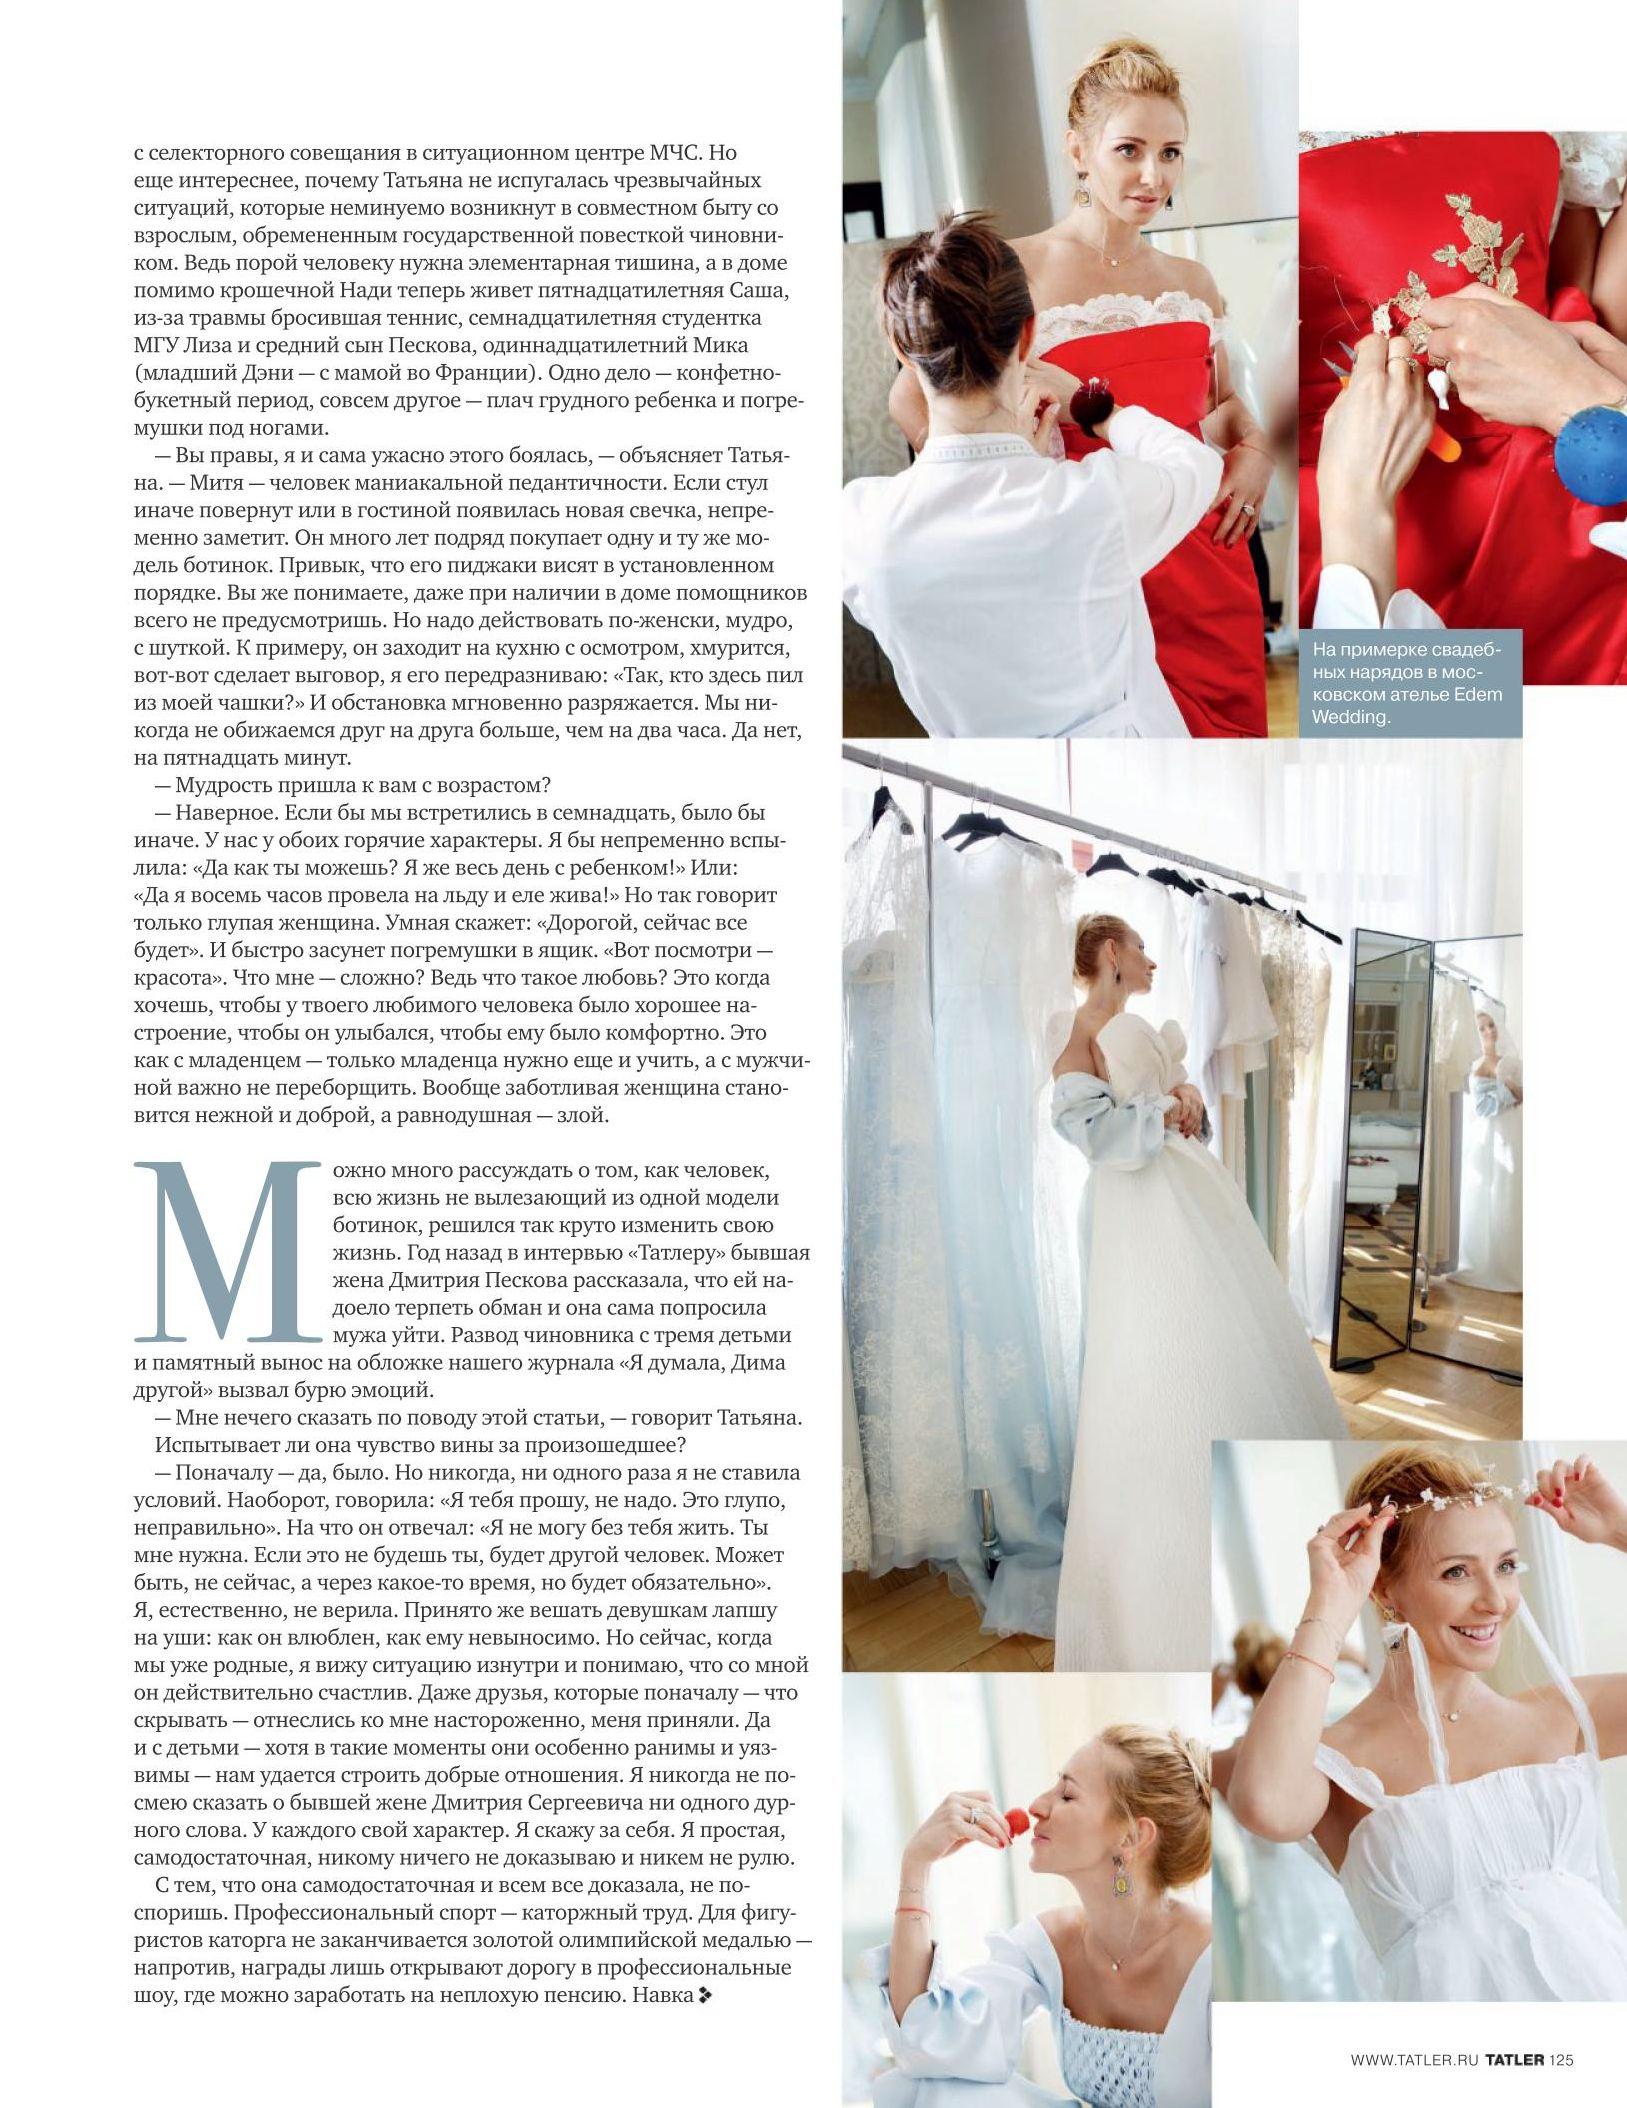 Свадьба Тани и Дмитрия Пескова Ace335a929fd